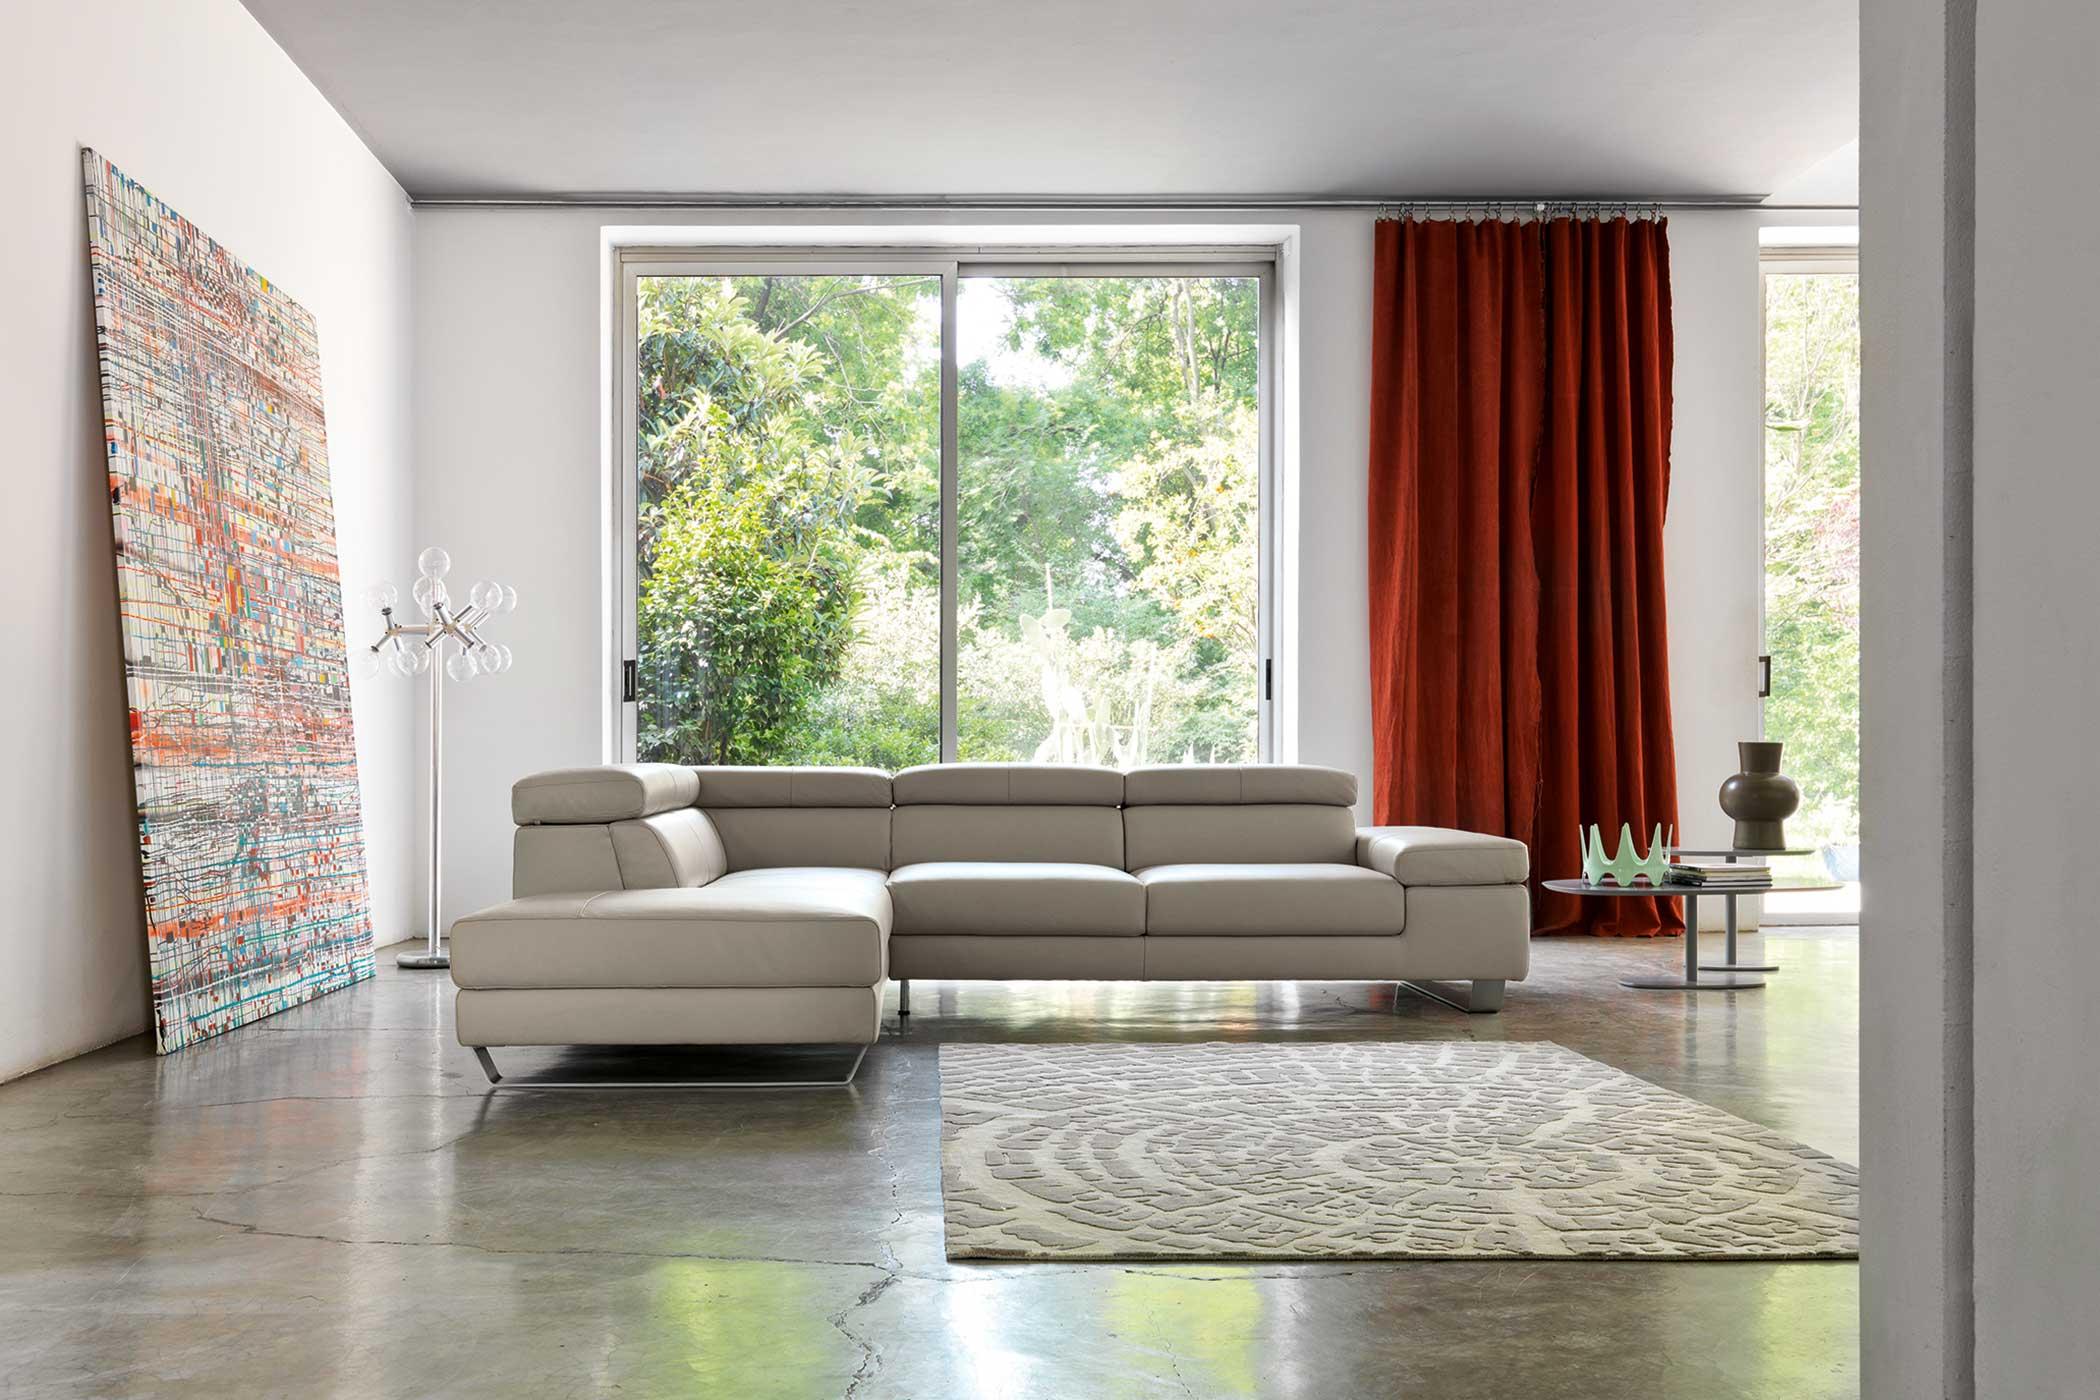 Doimo Salotti - collezione emporio divani in pelle modello Alison.